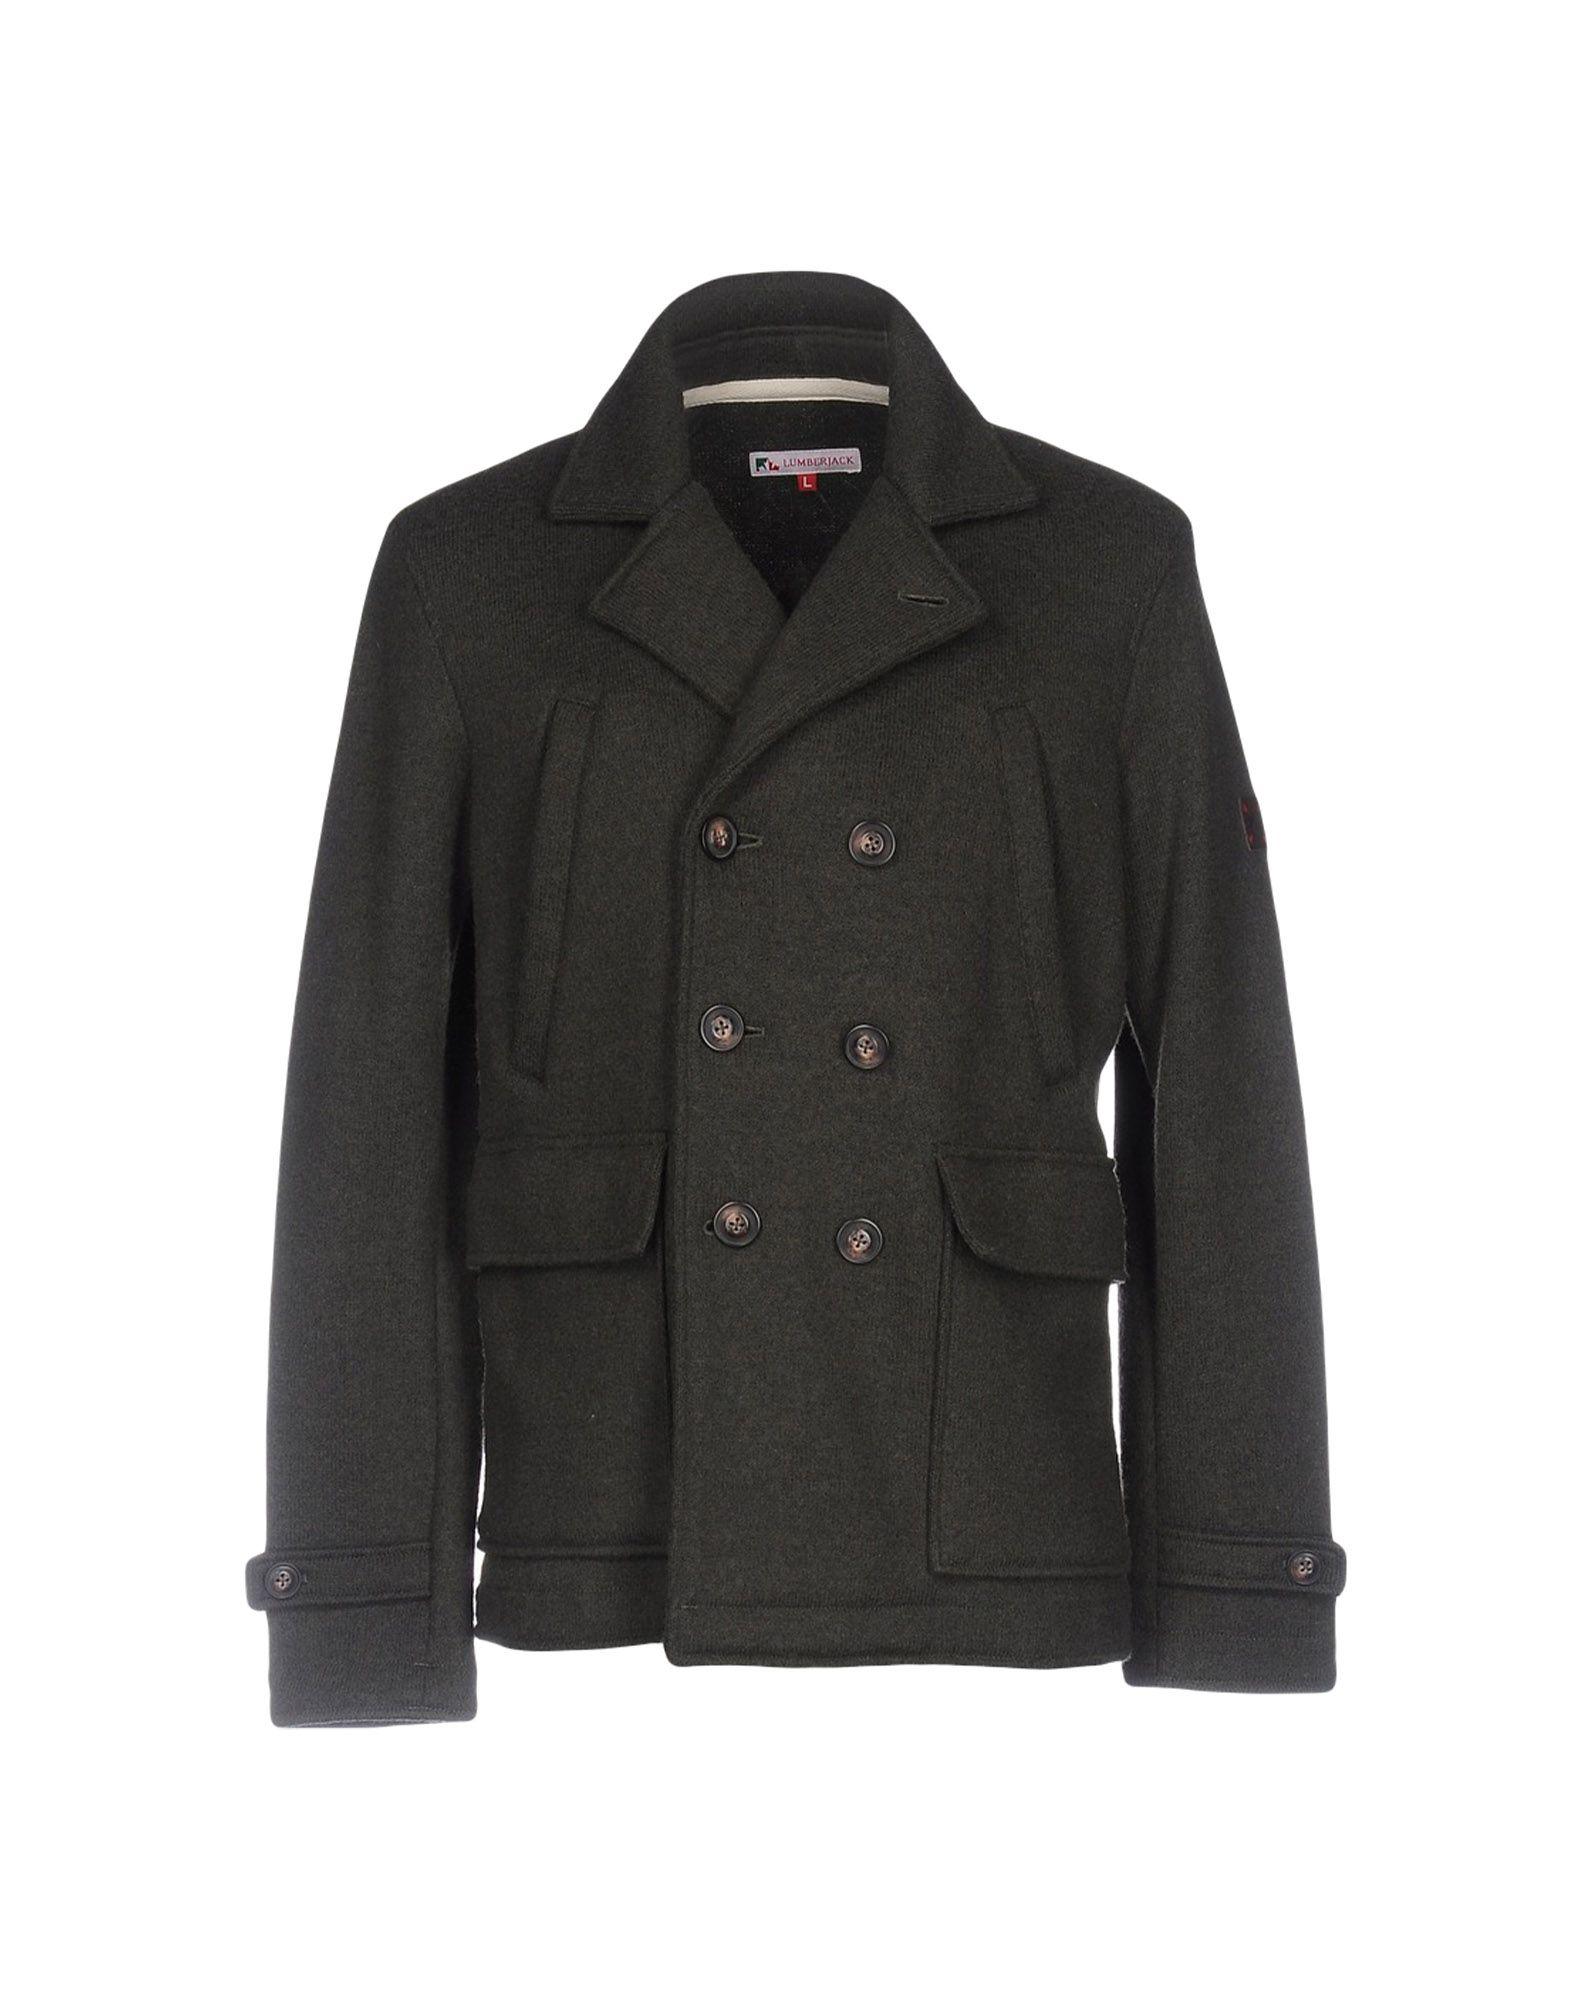 Fleecy Jacket Mens 20 80 Wool Synthetic Fleece Lumberjack Lined On Front